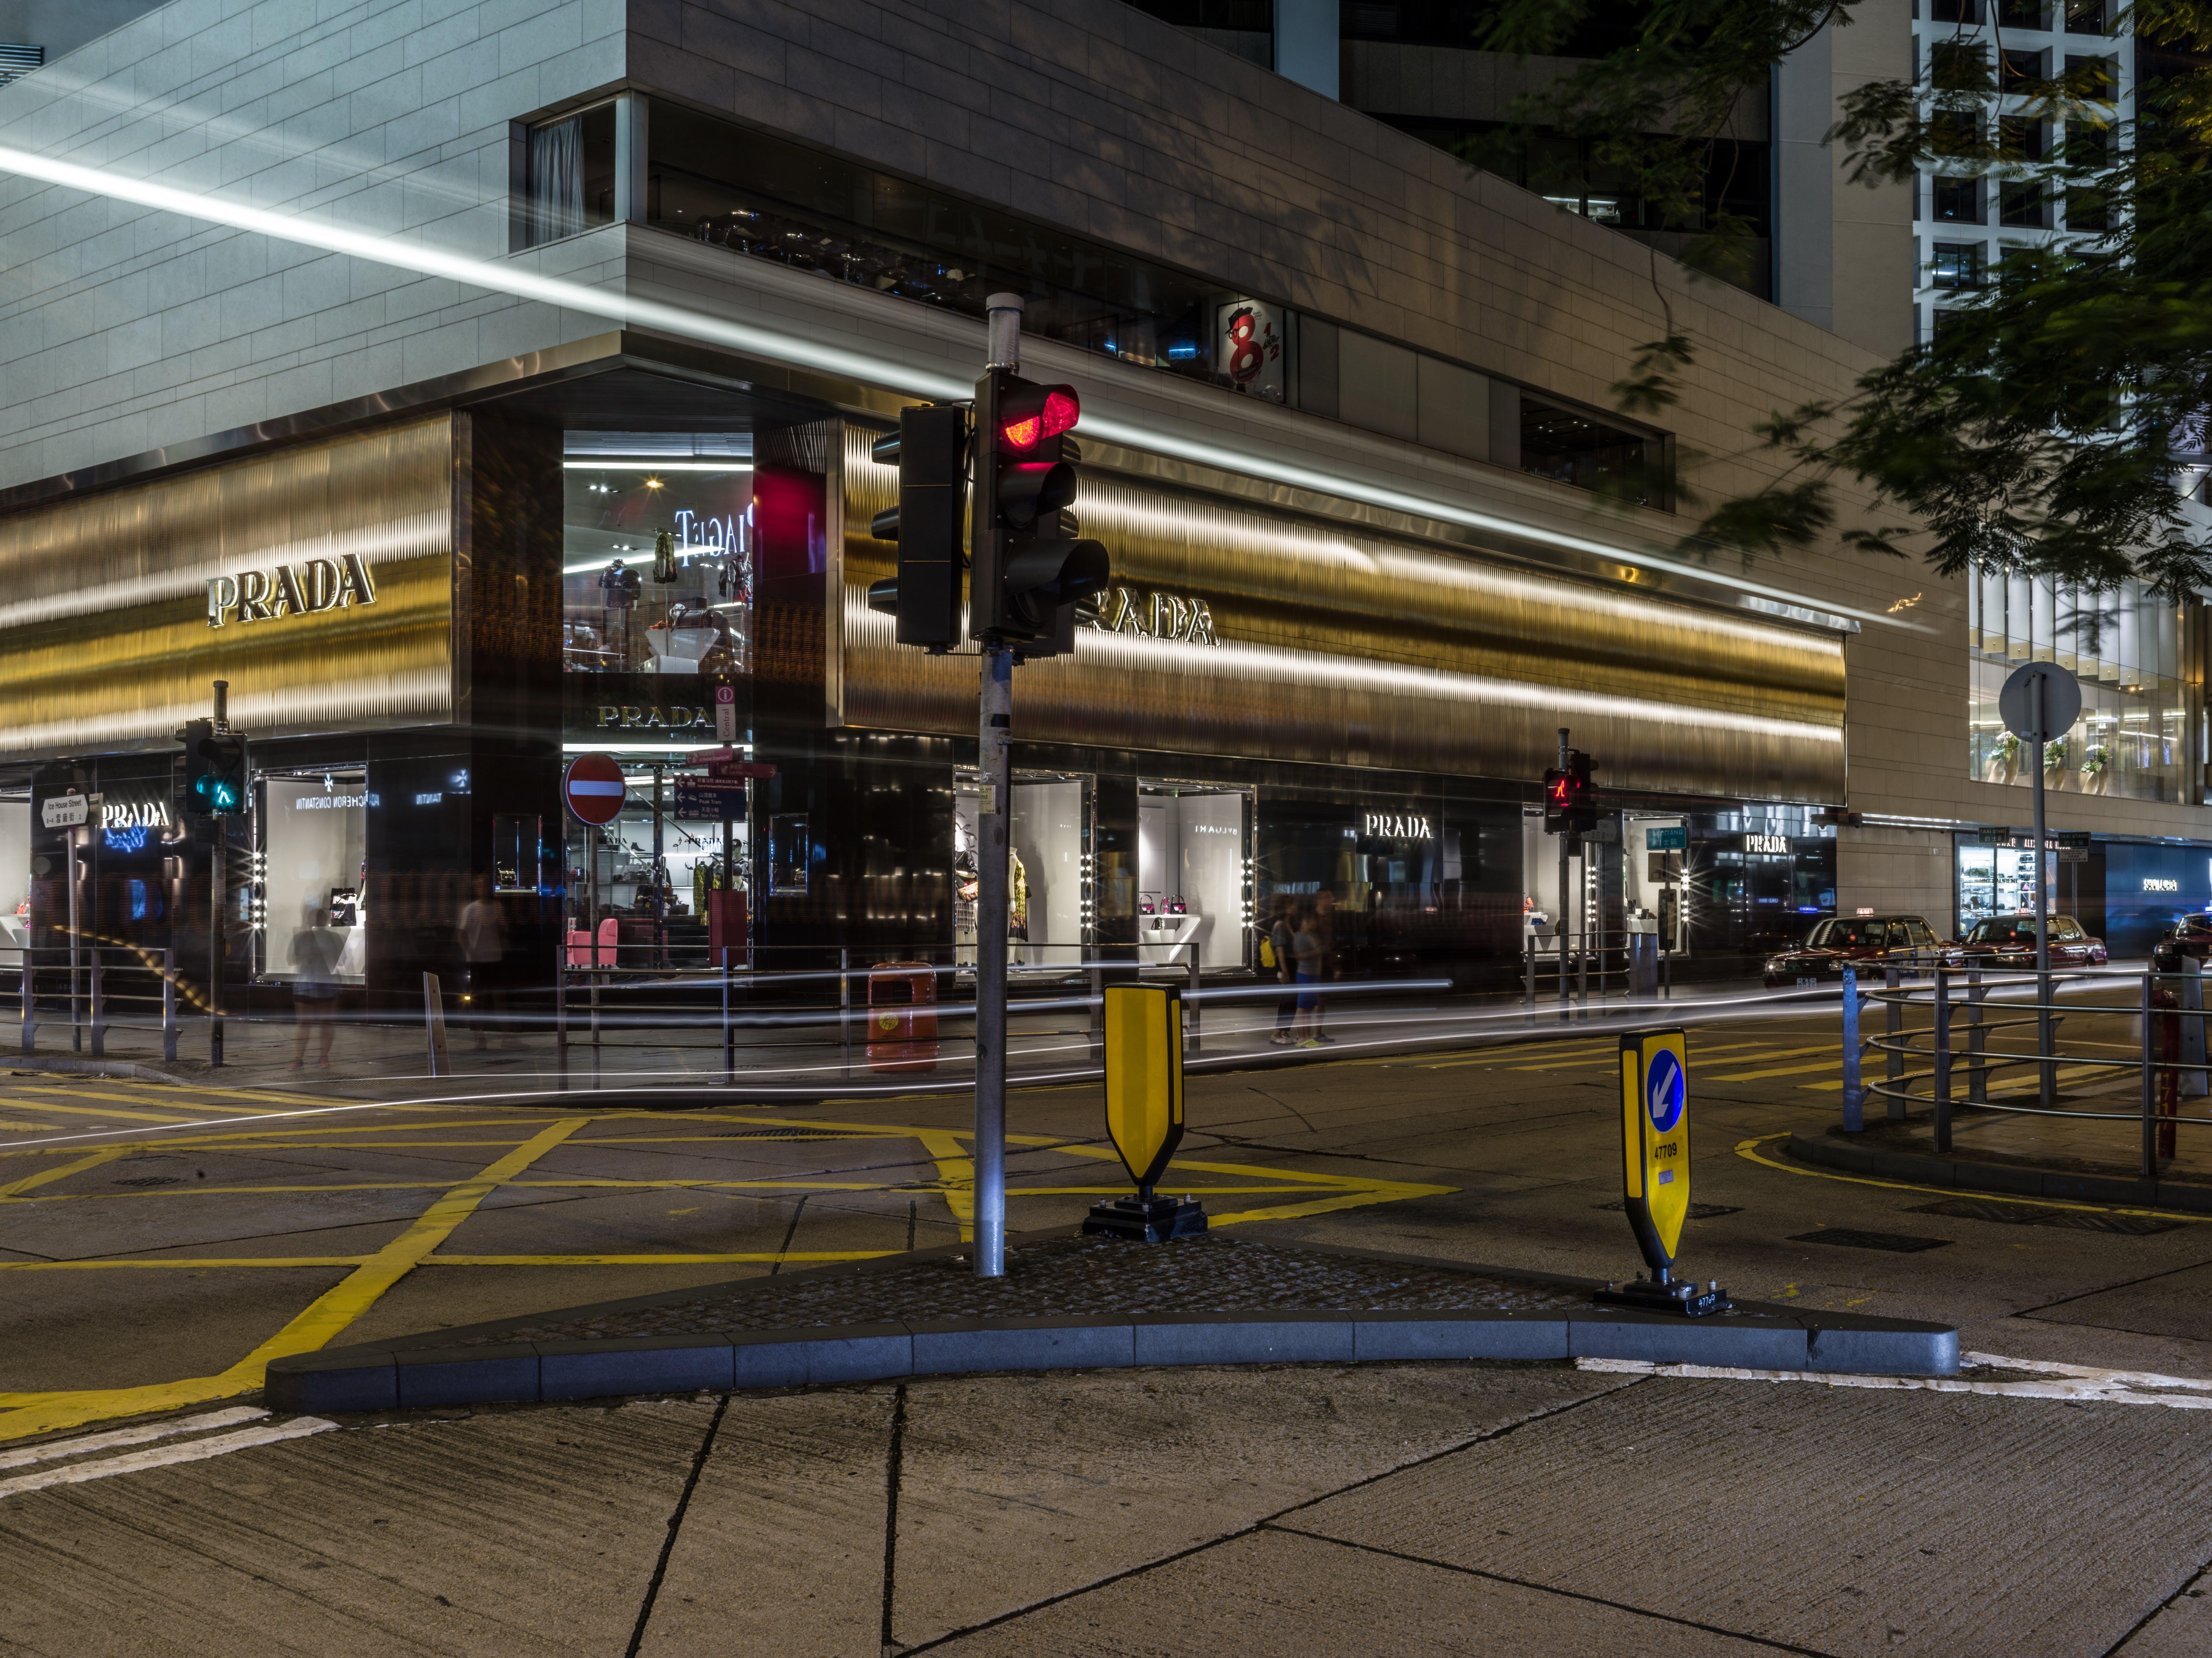 シティ, 光の線, 通り, 道路の無料の写真素材